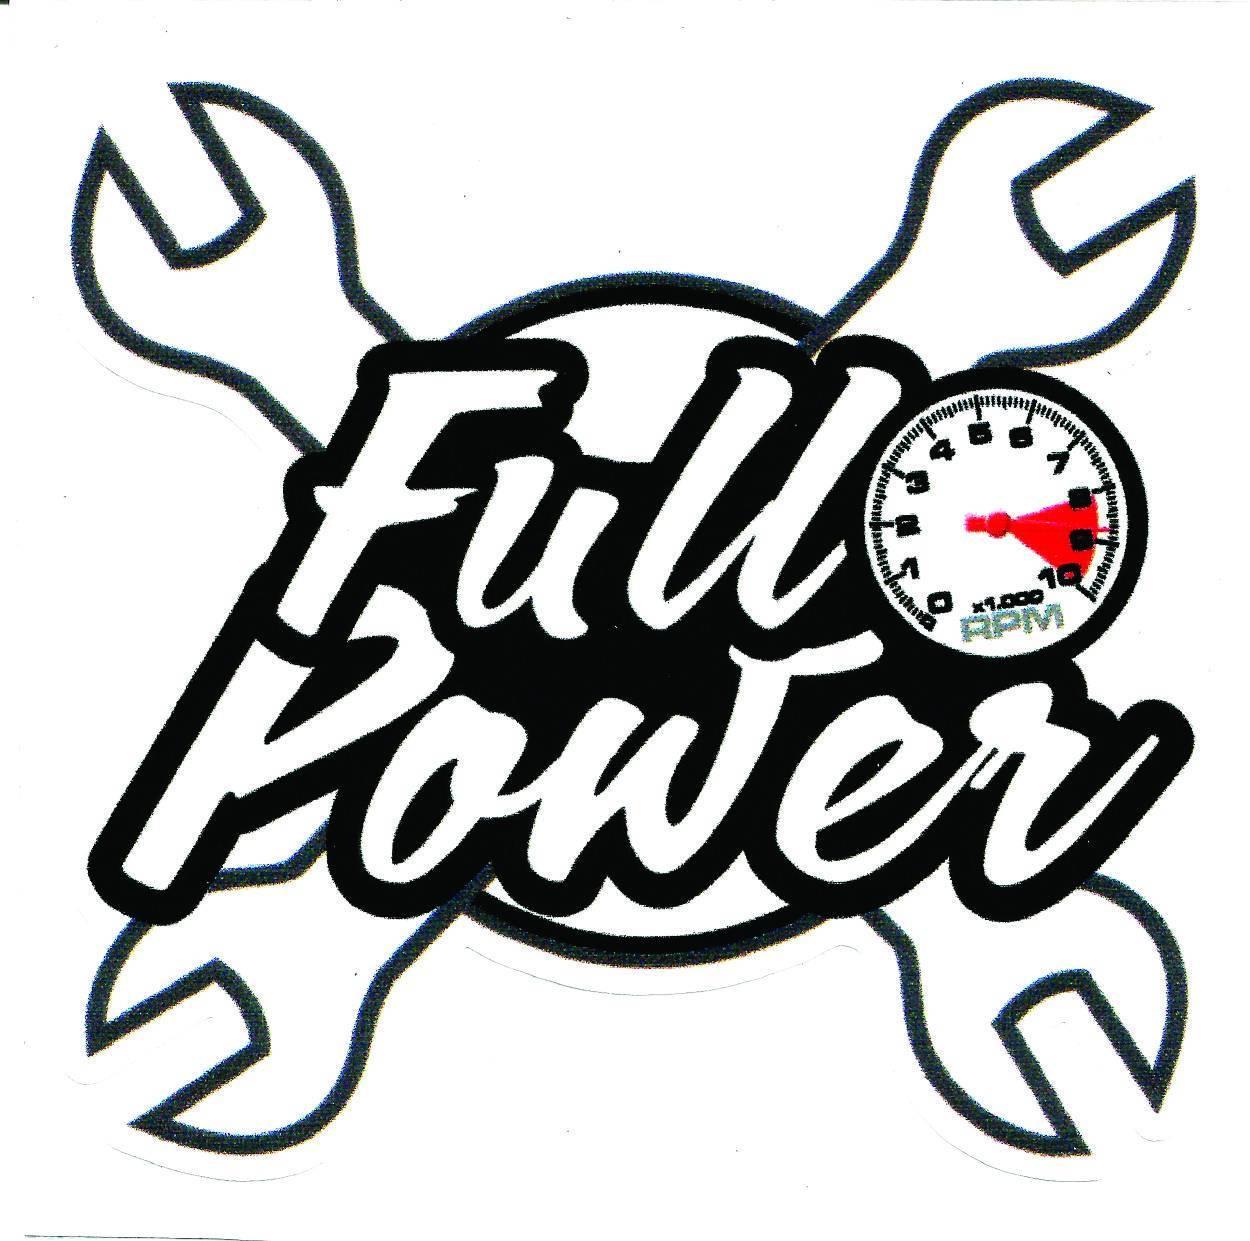 Adesivo FullPower Chaves - Loja FullPower